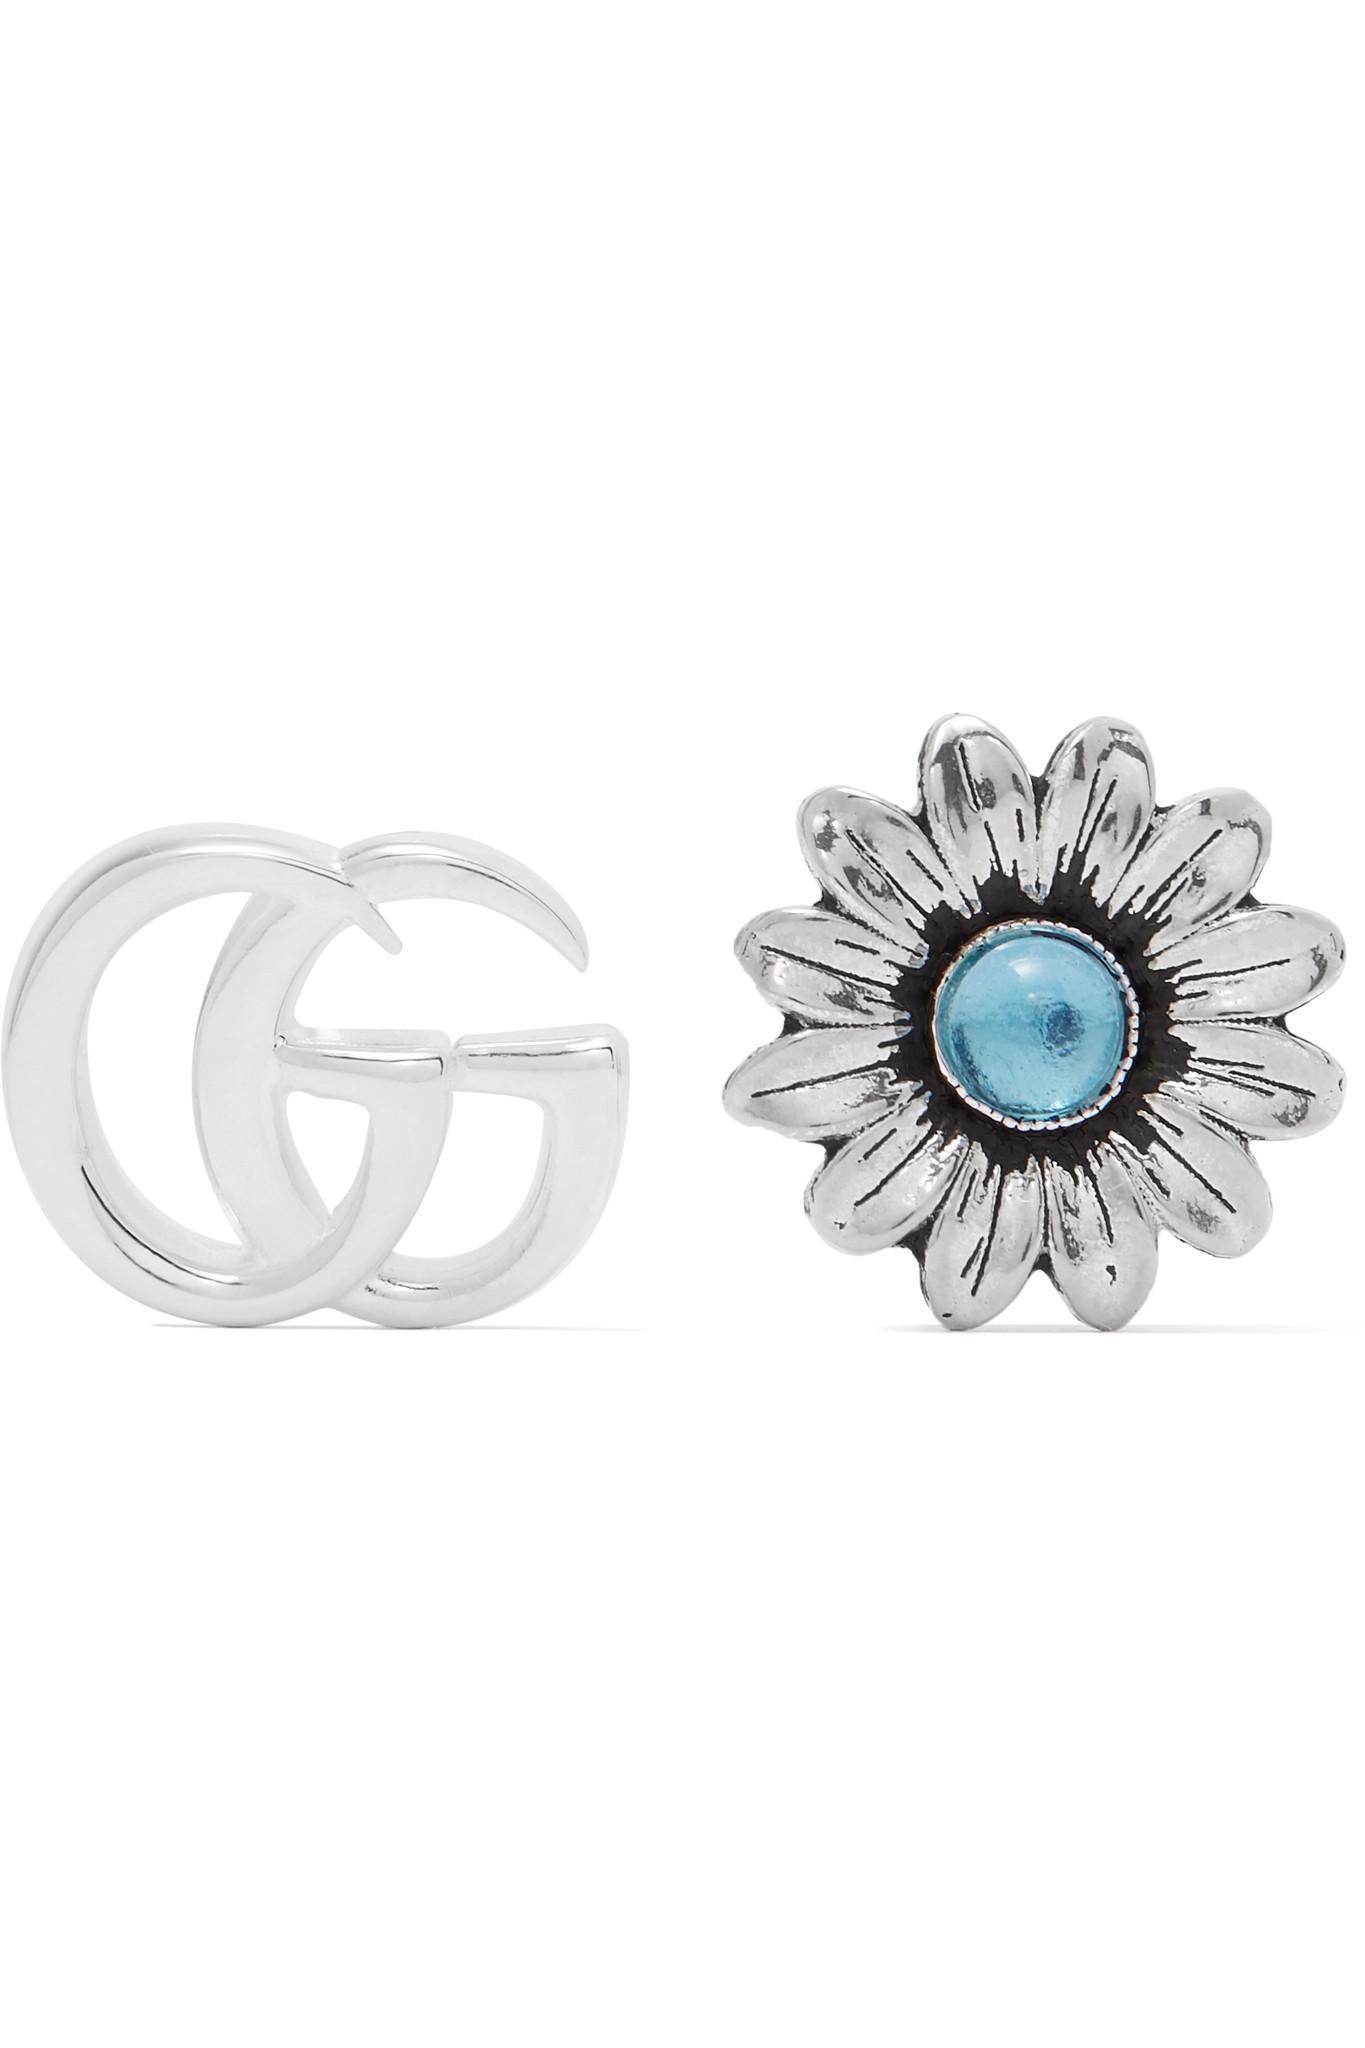 5f0f92e4e44 Lyst - Gucci Marmont Silver-tone Multi-stone Earrings in Metallic